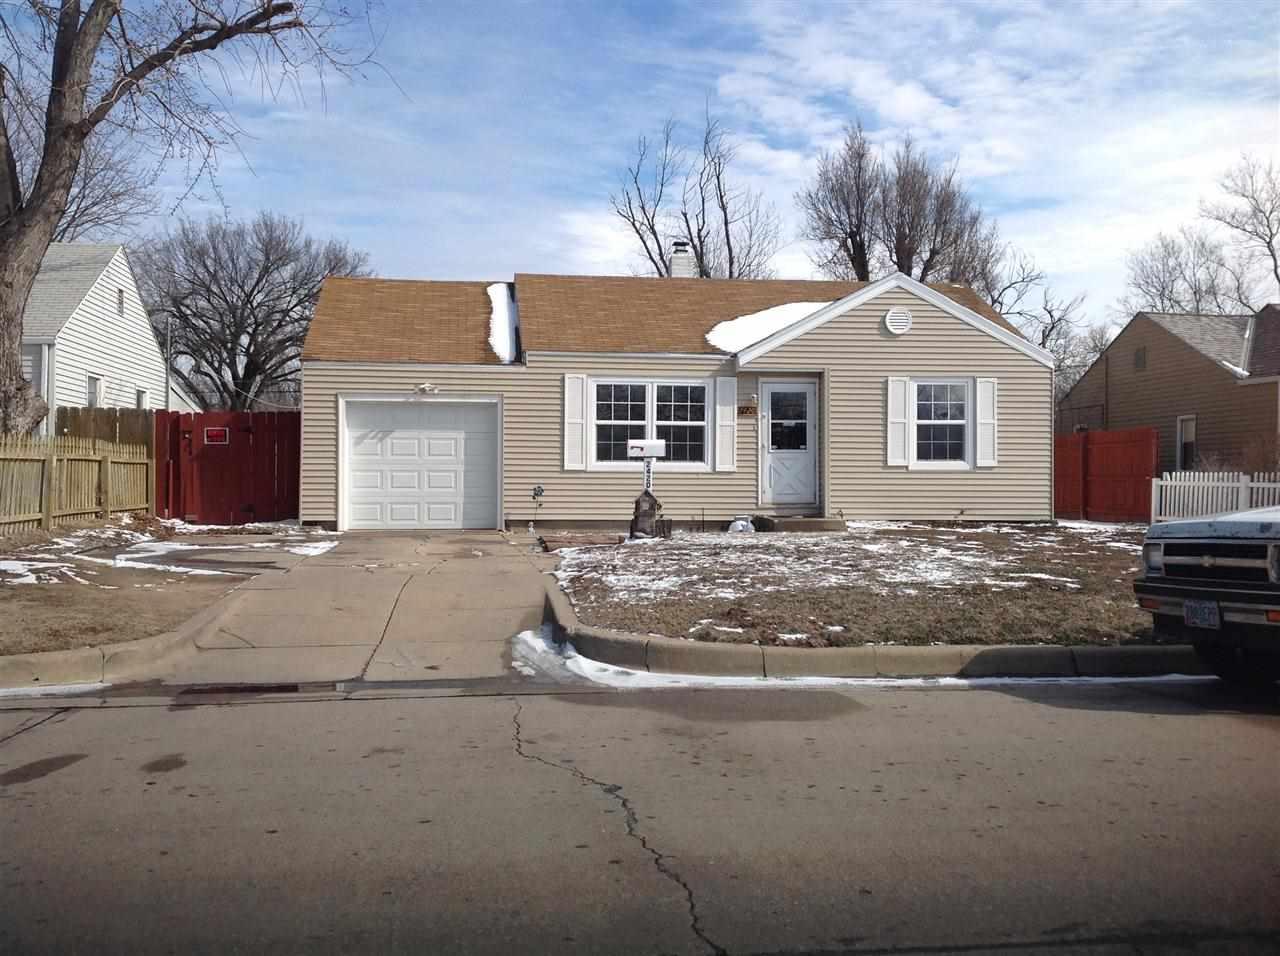 2420 S Mead St, Wichita, KS 67216